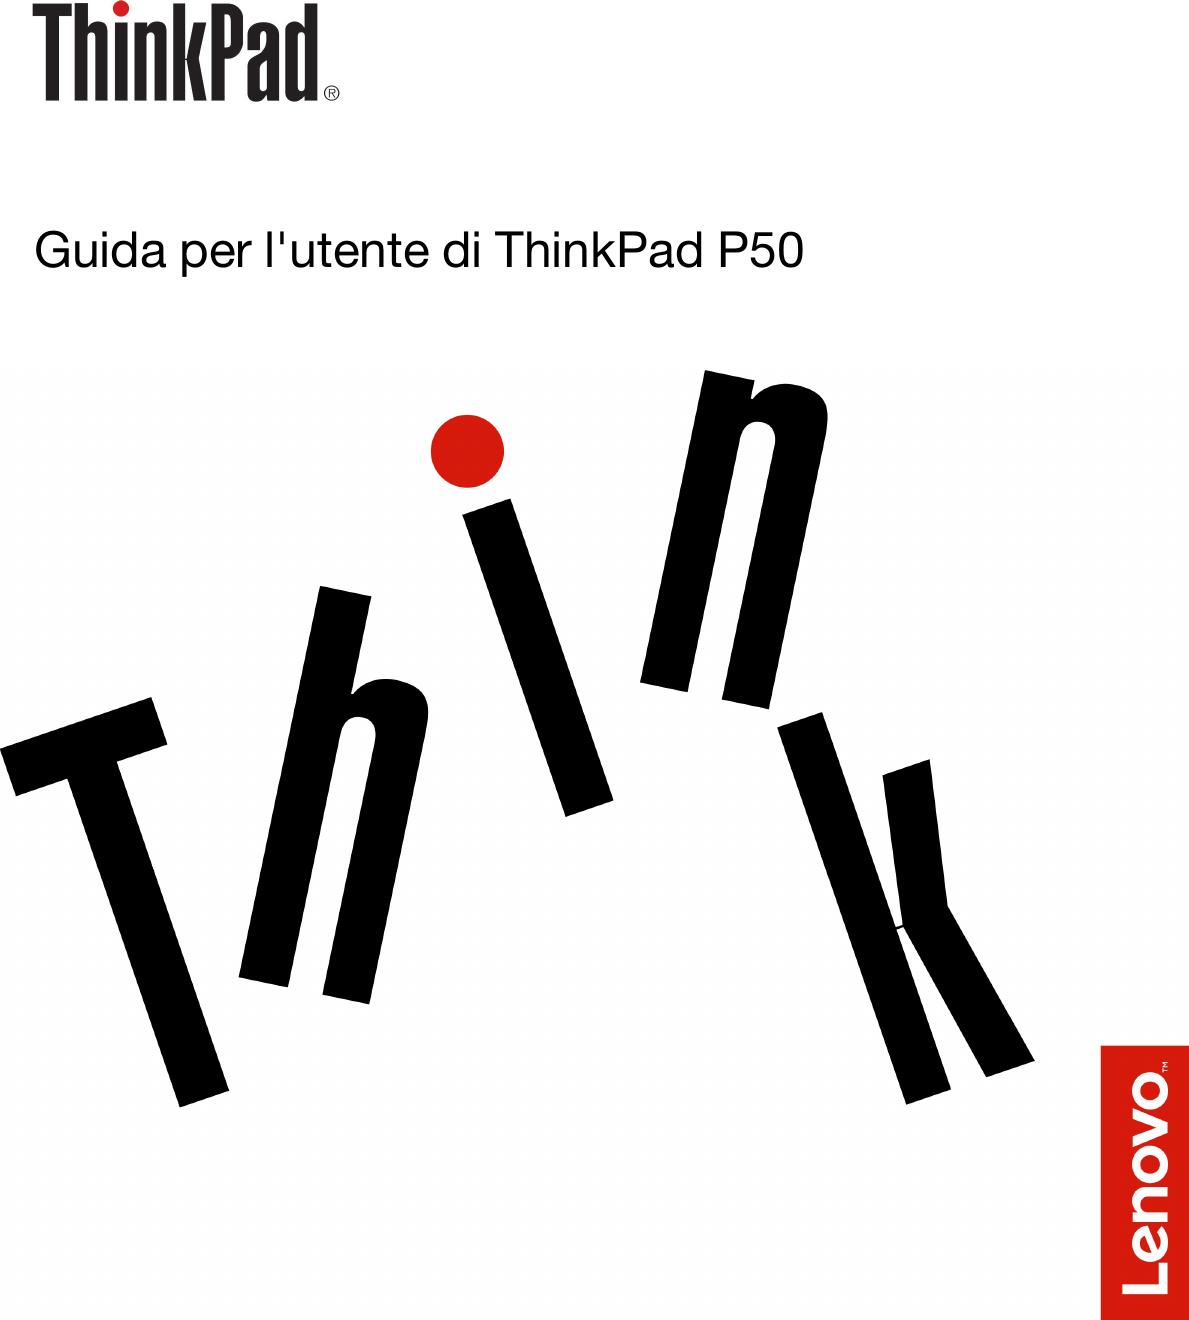 Lenovo P50 Ug It Guida Per L'utente Di ThinkPad User